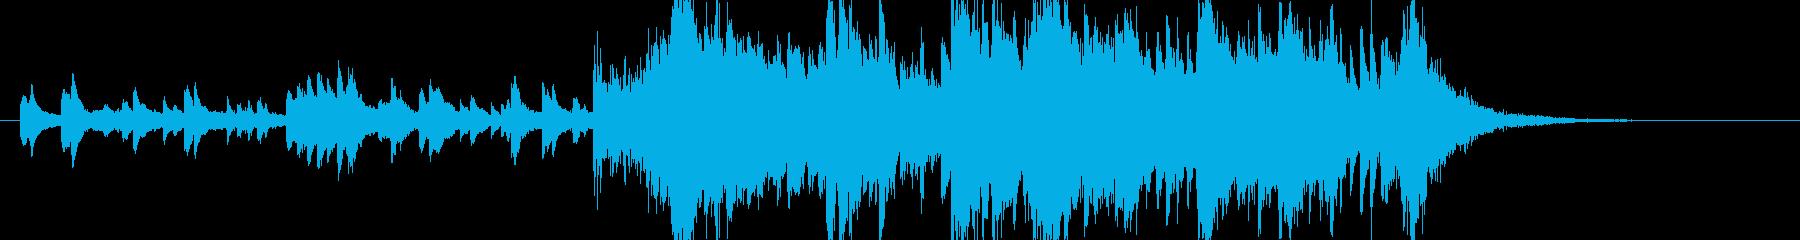 印象的なオープニング静→動オーケストラ の再生済みの波形